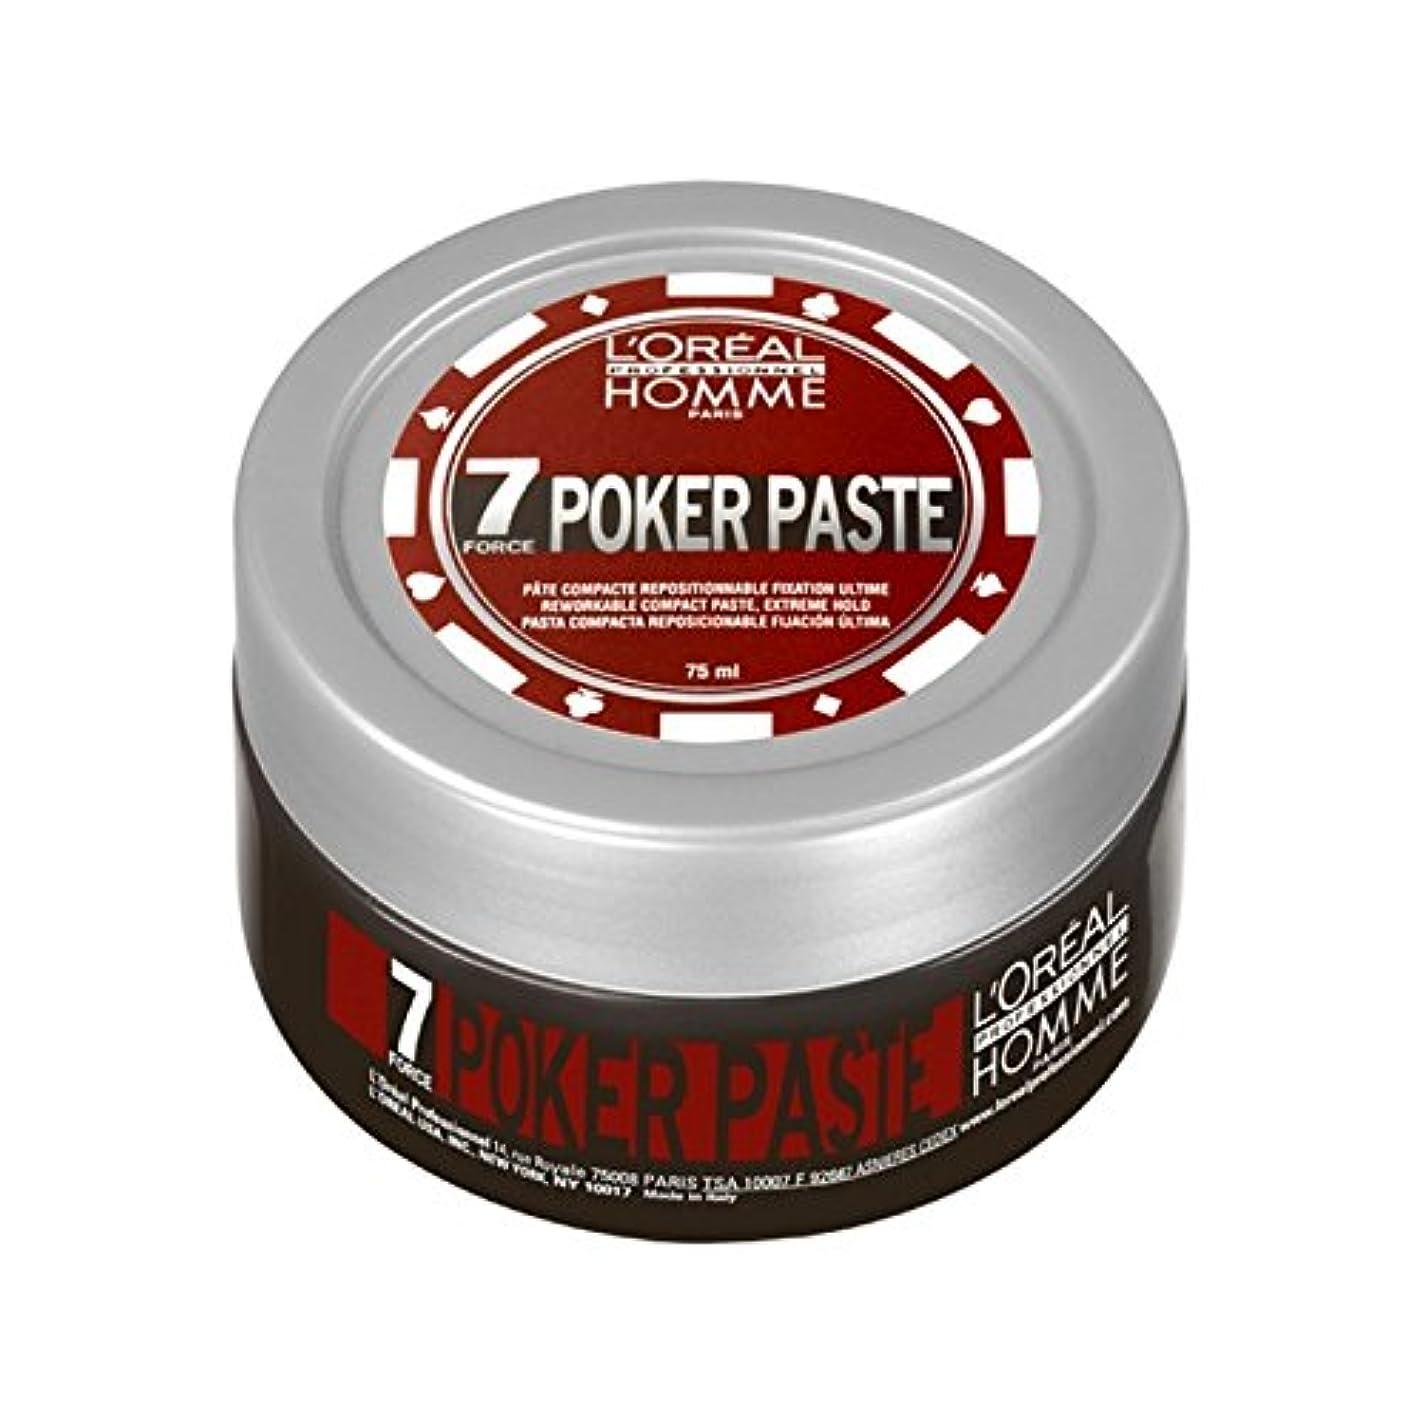 定義布傘L'Oreal Professional Homme Poker Paste (75ml) (Pack of 6) - ロレアルプロオムポーカーペースト(75ミリリットル) x6 [並行輸入品]